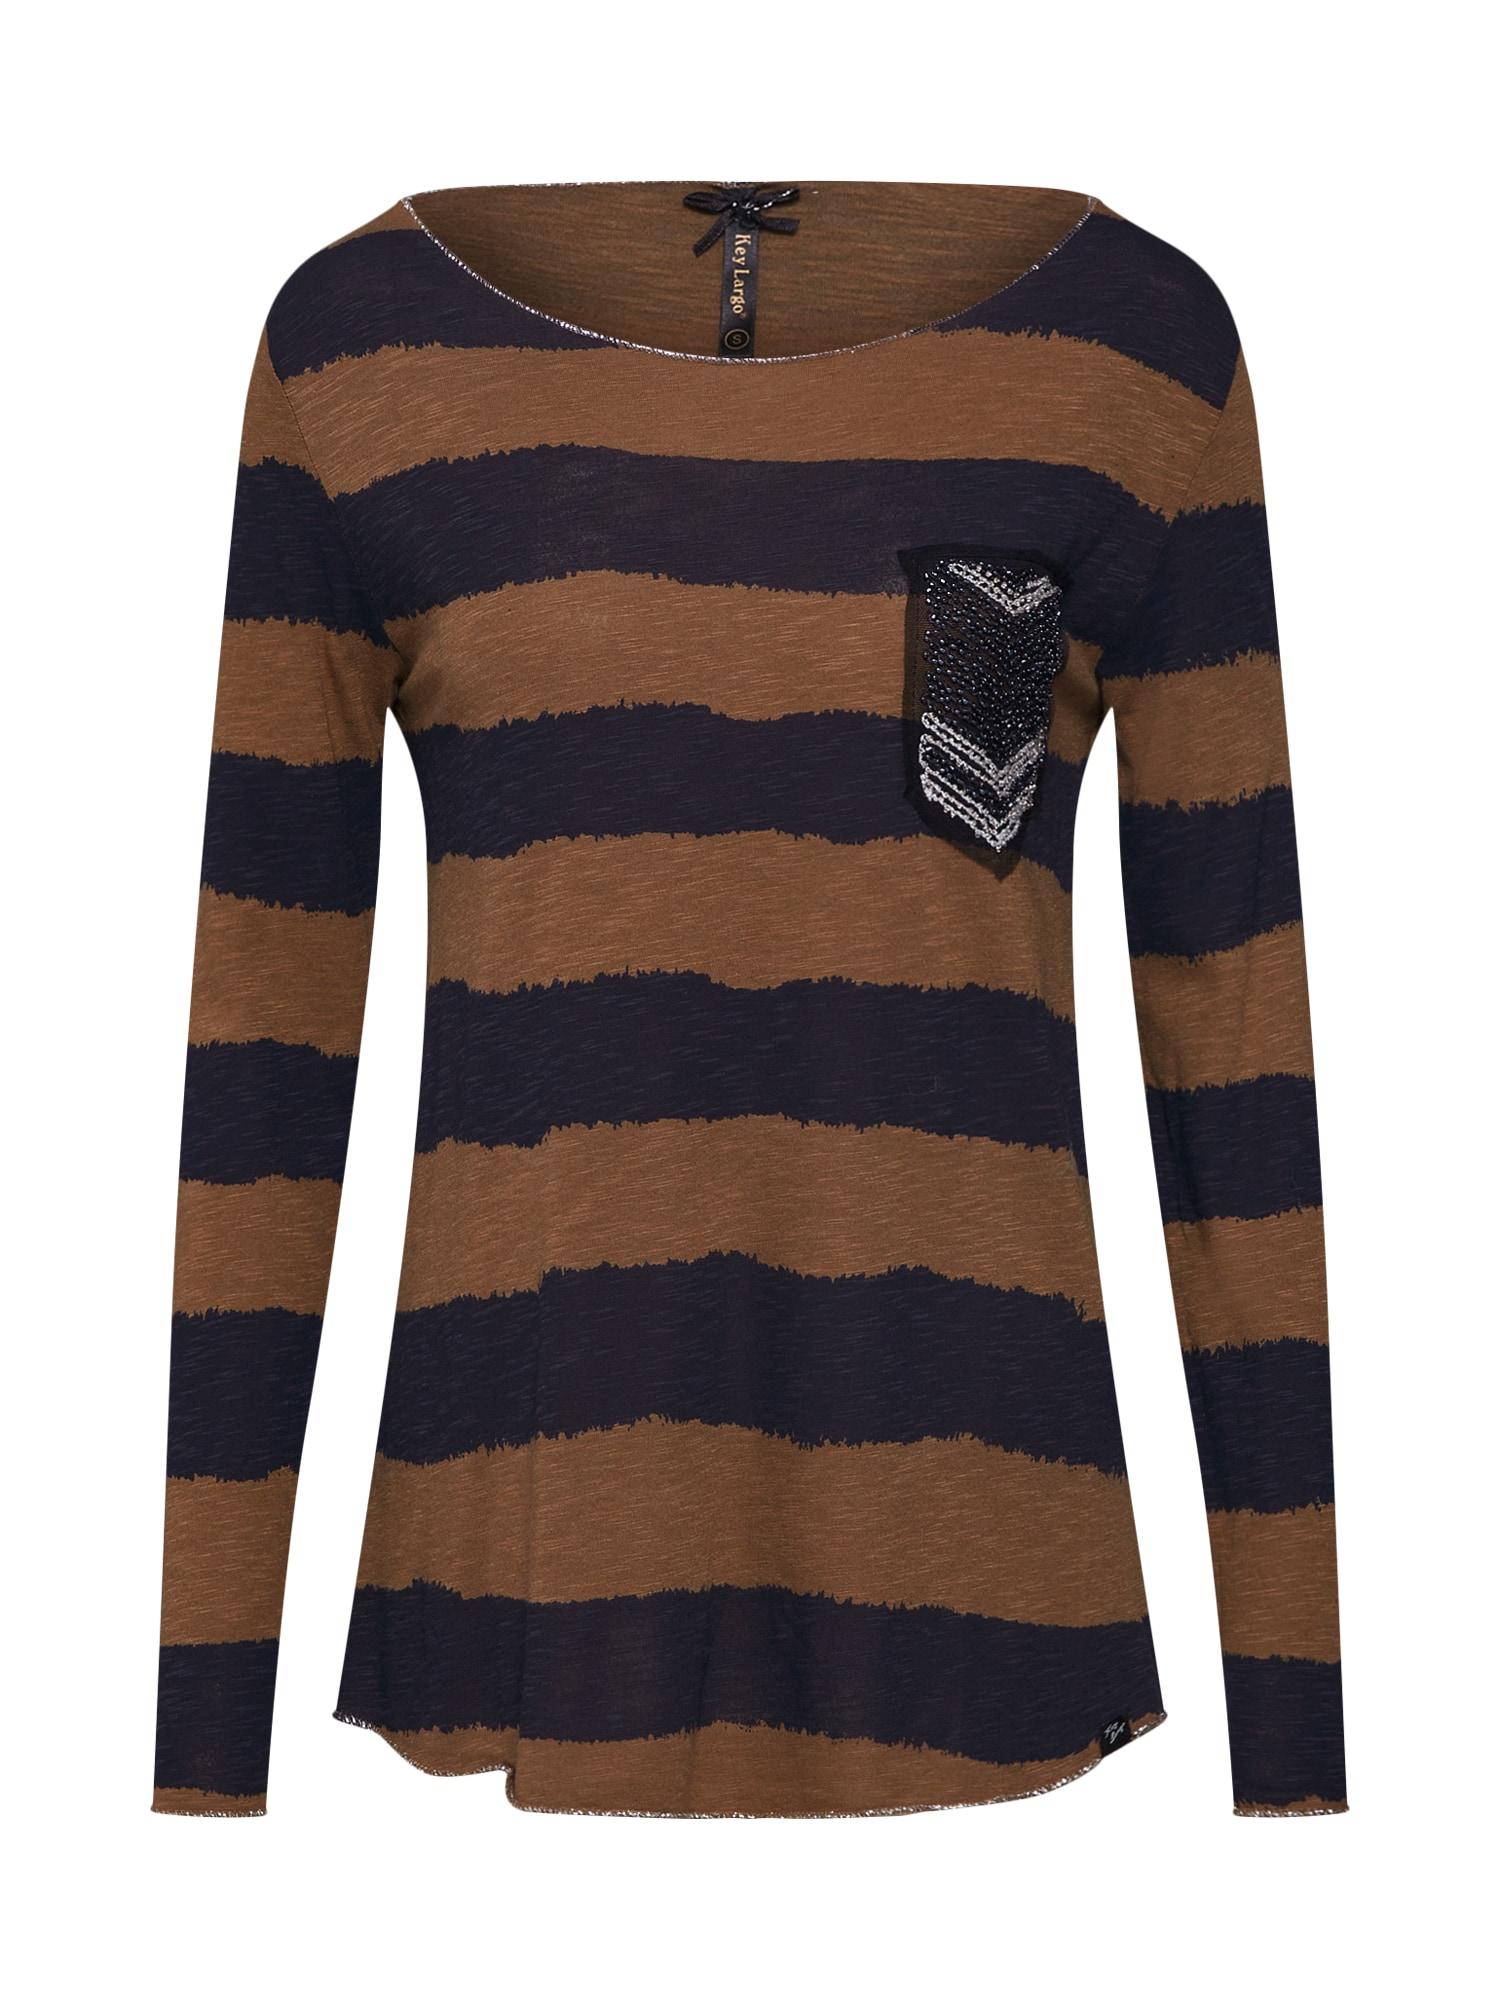 Tričko JENNY tmavě modrá hnědá černá stříbrná Key Largo